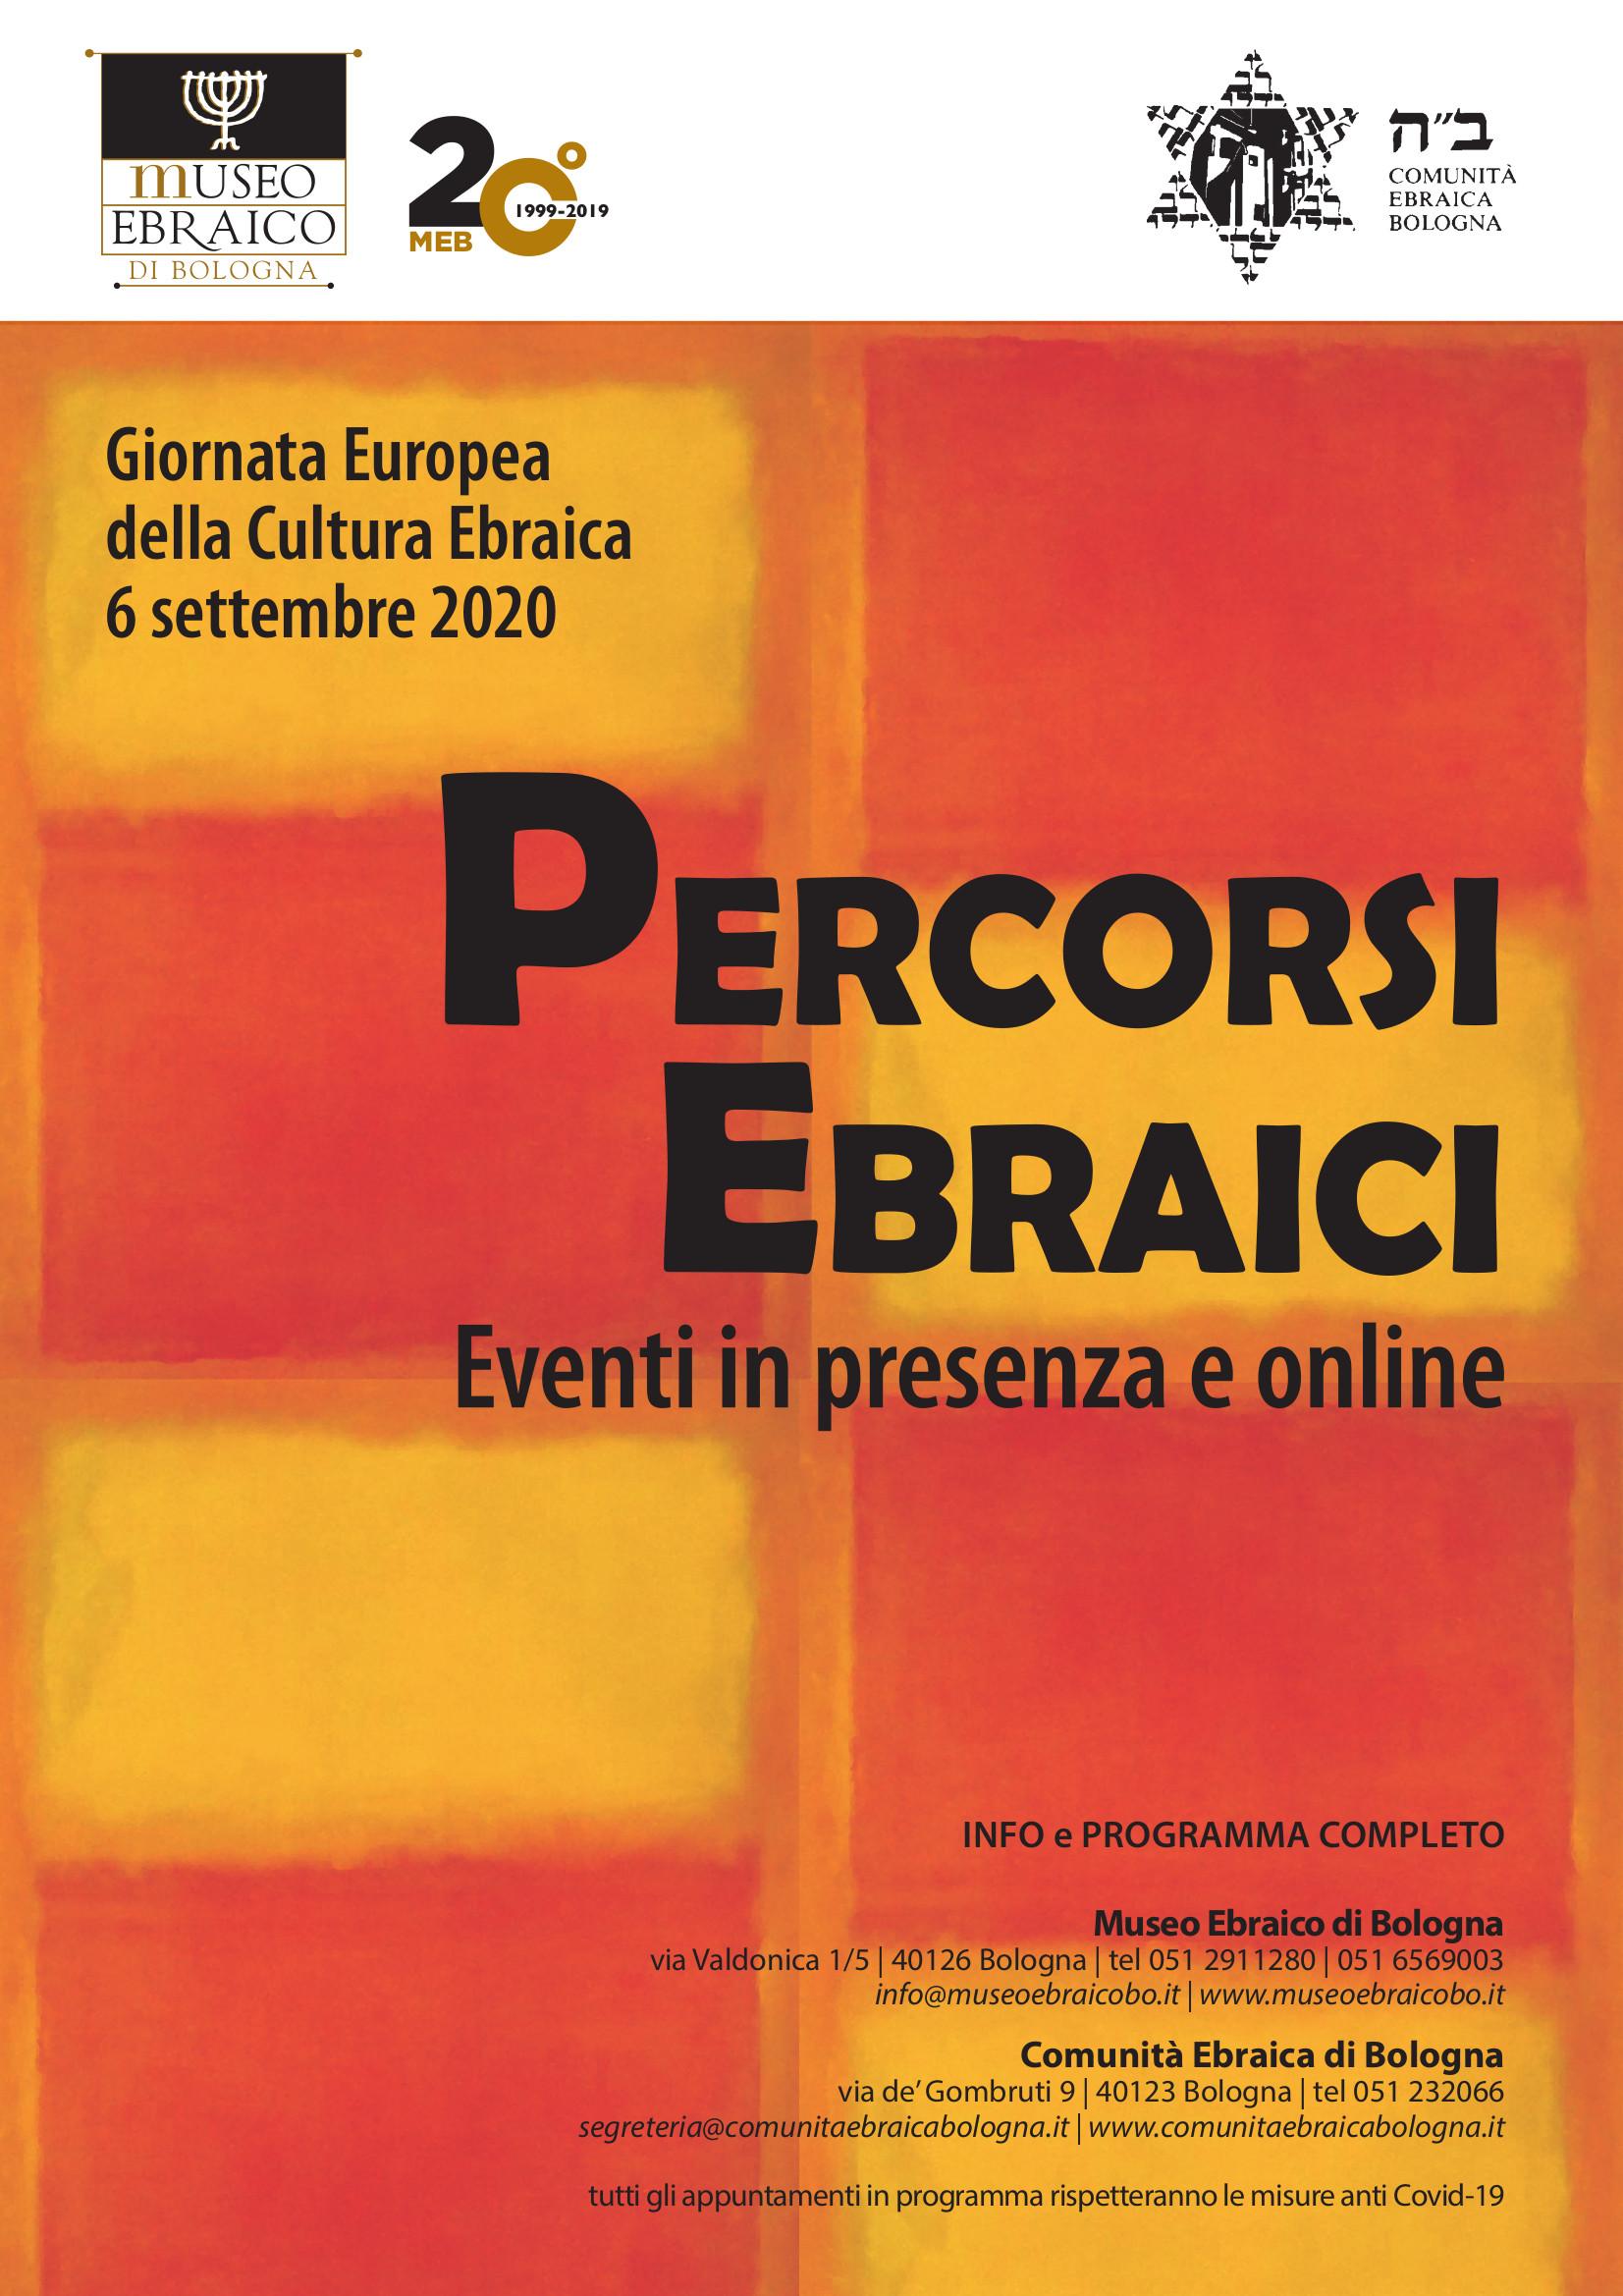 giornata_europea_LOC_20.jpg